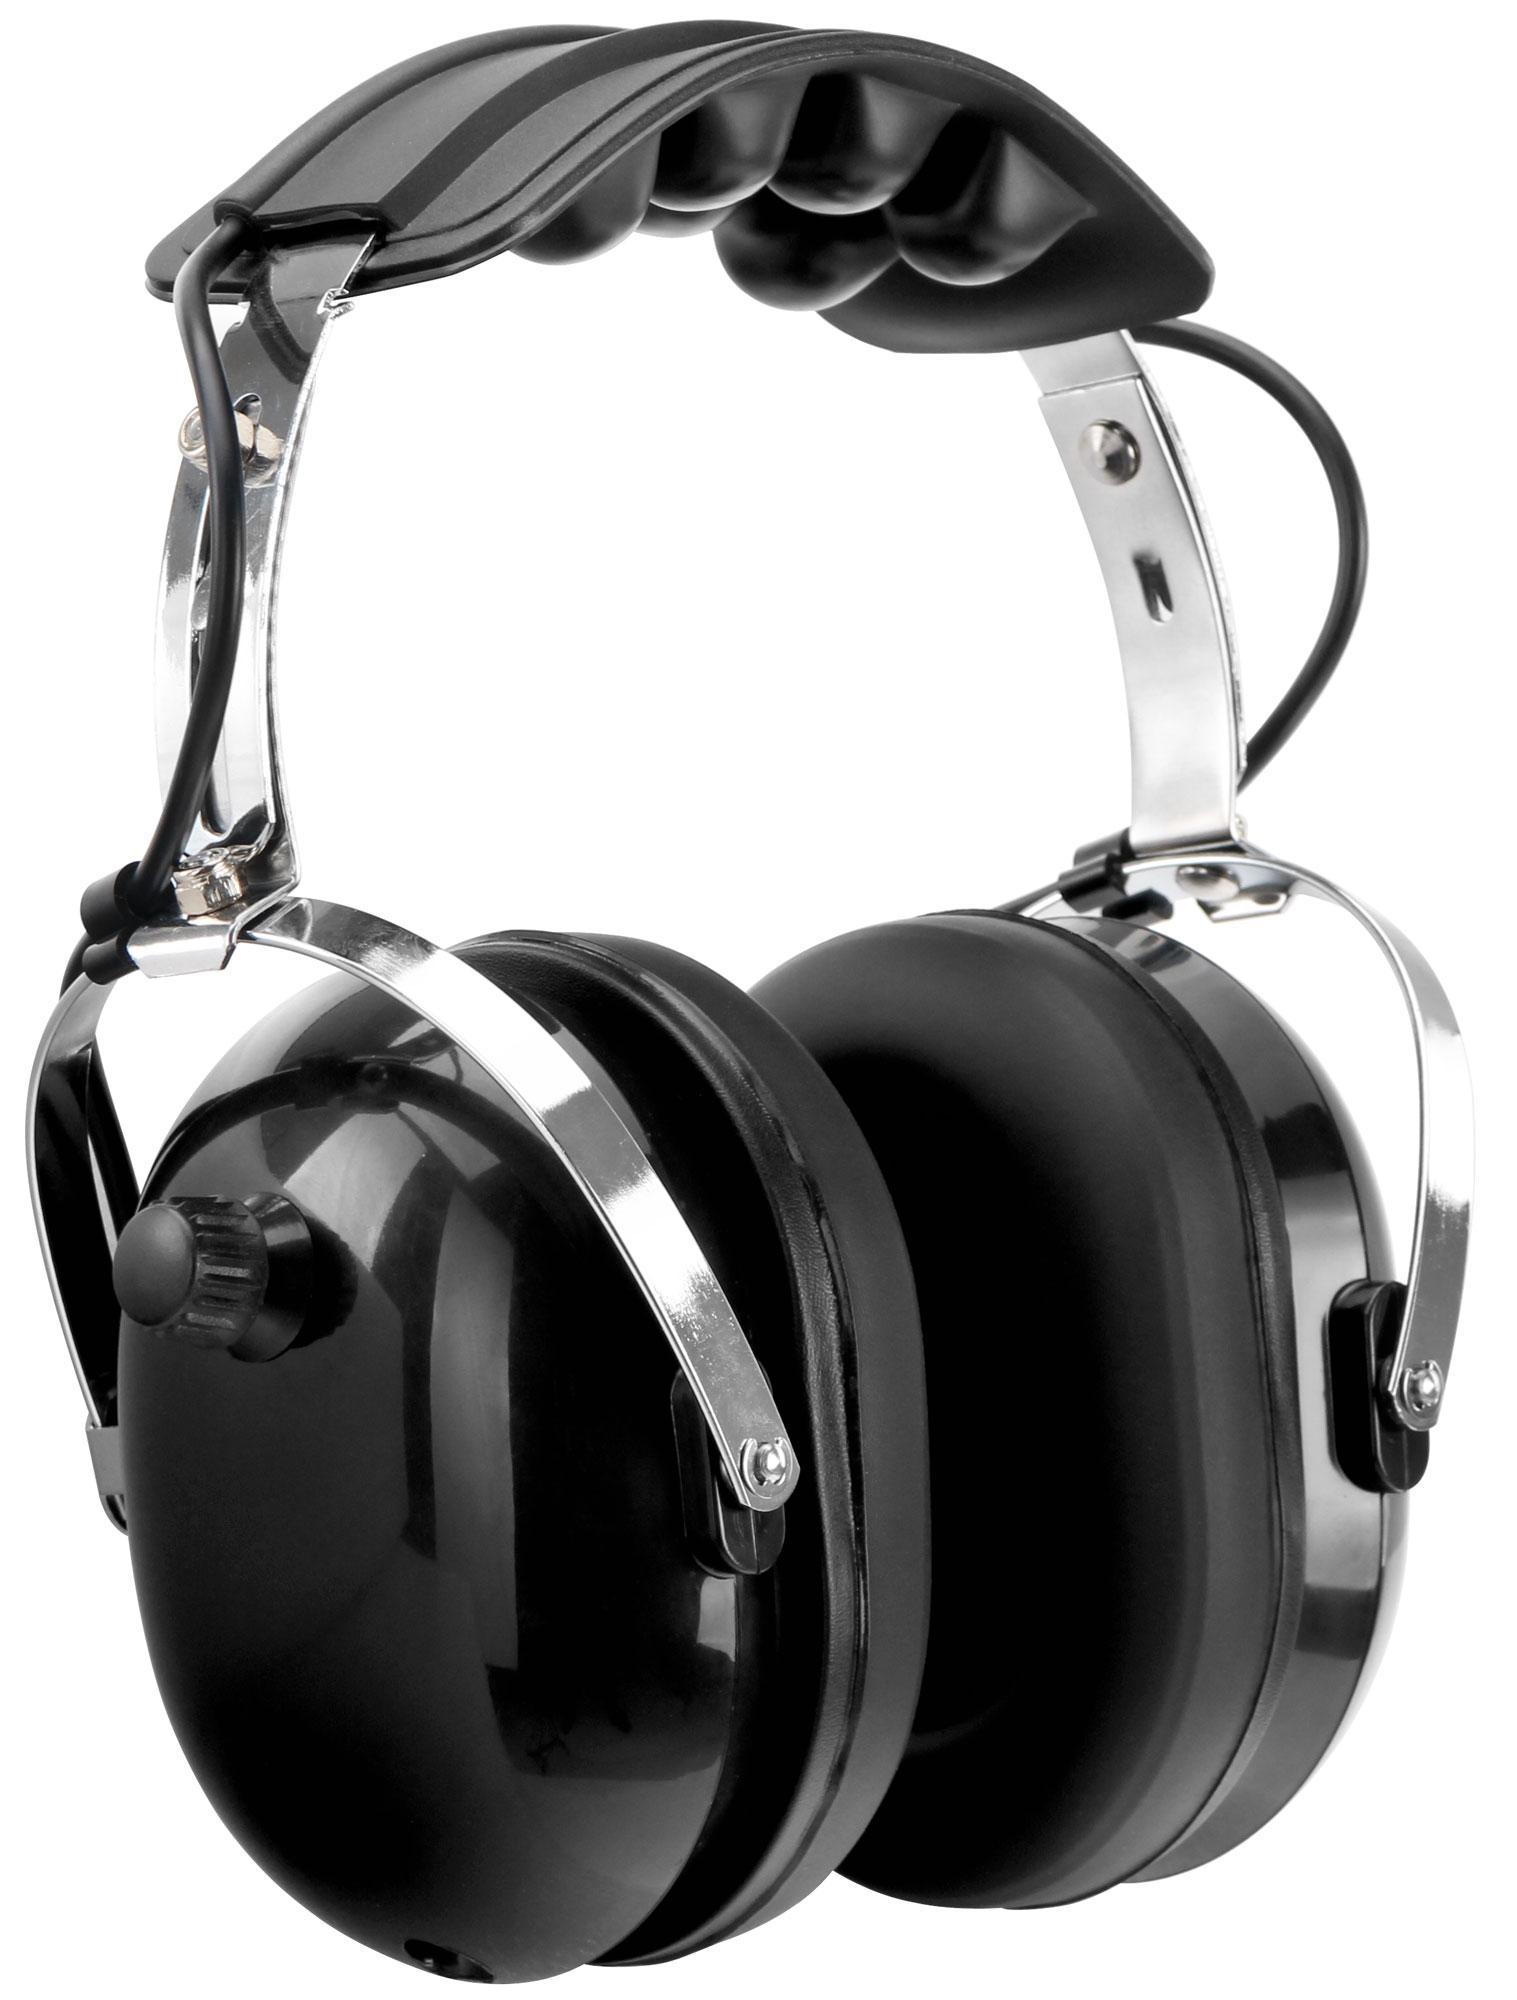 Studiozubehoer - XDrum IH 1 Stereo Isolationskopfhörer Gehörschutz Retoure (Zustand sehr gut) - Onlineshop Musikhaus Kirstein